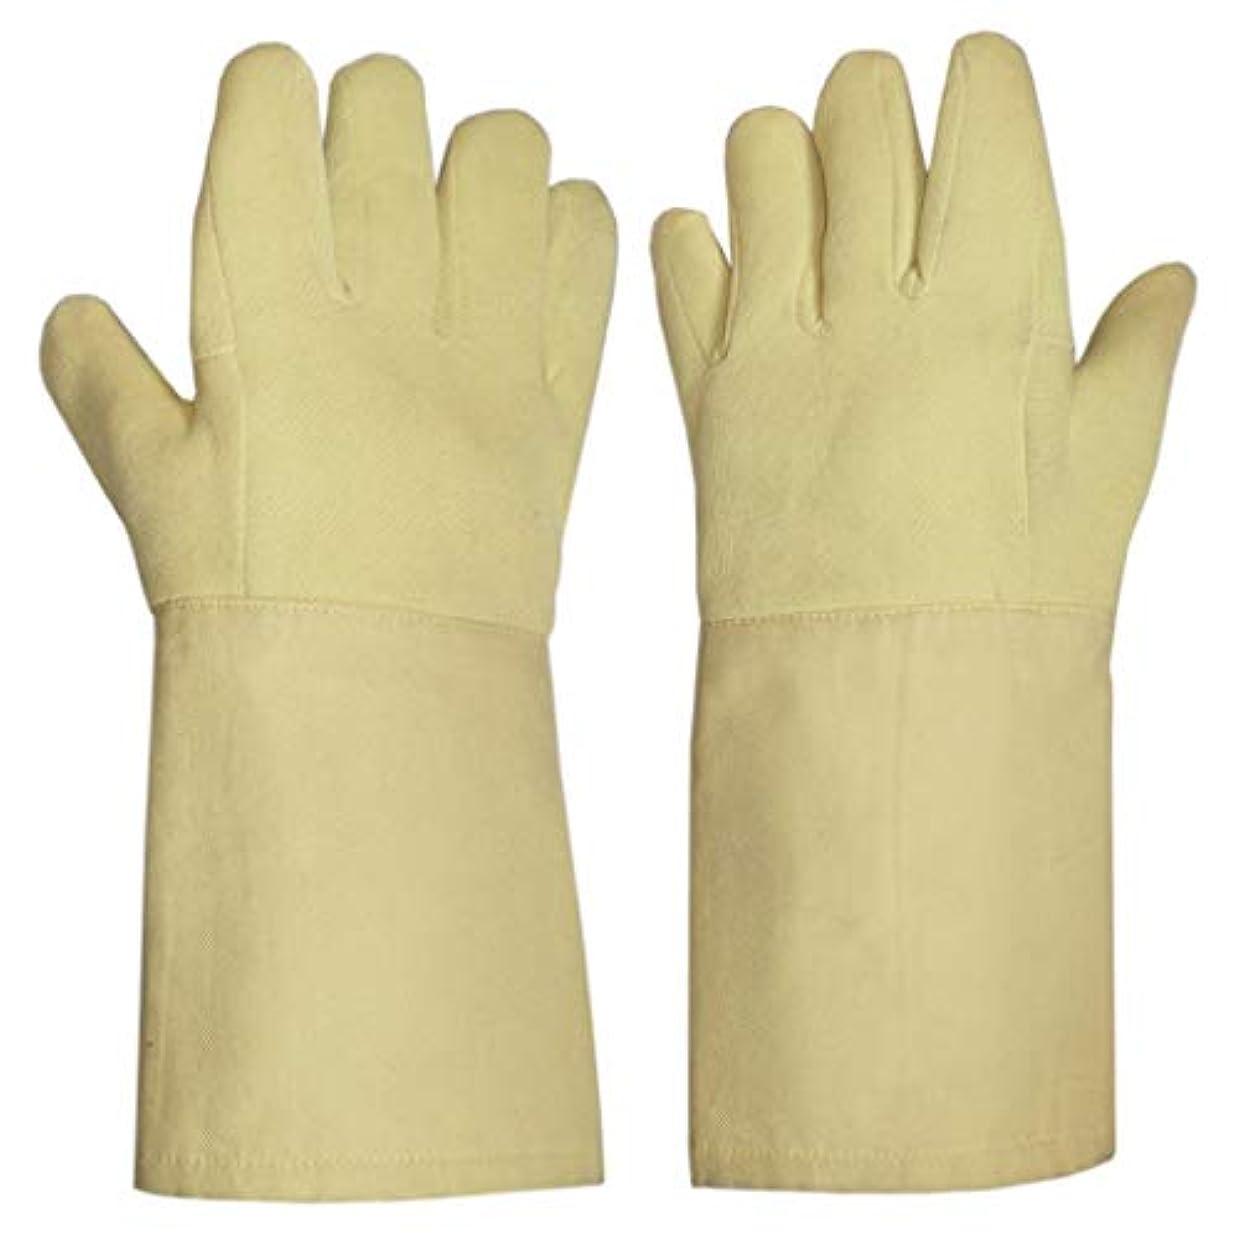 呼びかけるメンバー敏感なLIUXIN カットプルーフ高温耐性手袋労働保護手袋切断保護手袋絶縁防滑性滑り止め14.5 * 38センチ ゴム手袋